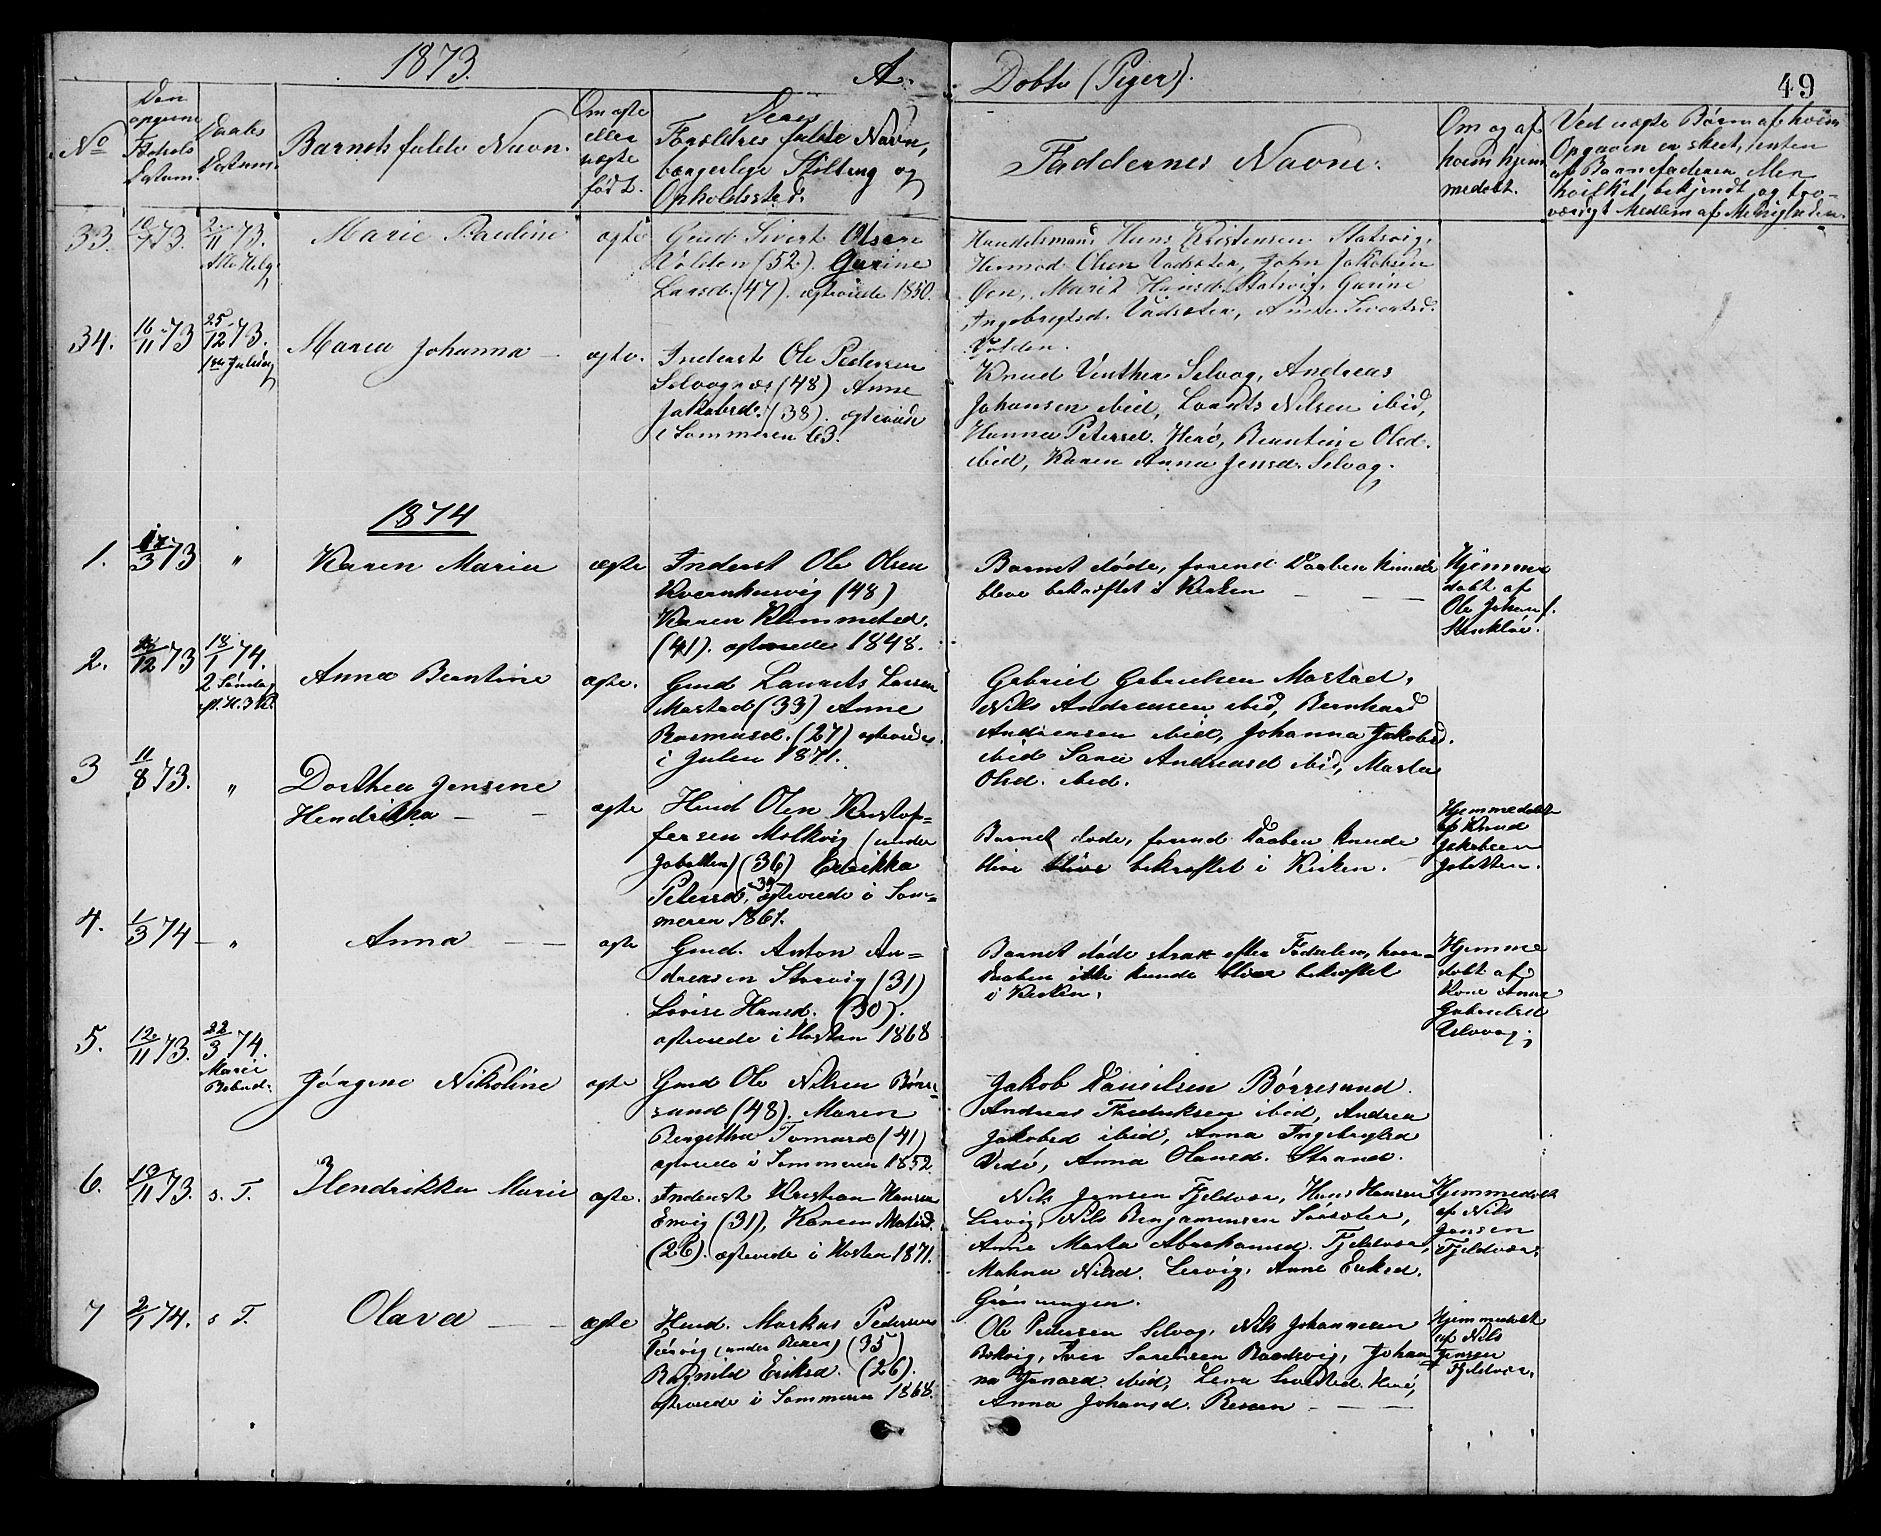 SAT, Ministerialprotokoller, klokkerbøker og fødselsregistre - Sør-Trøndelag, 637/L0561: Klokkerbok nr. 637C02, 1873-1882, s. 49